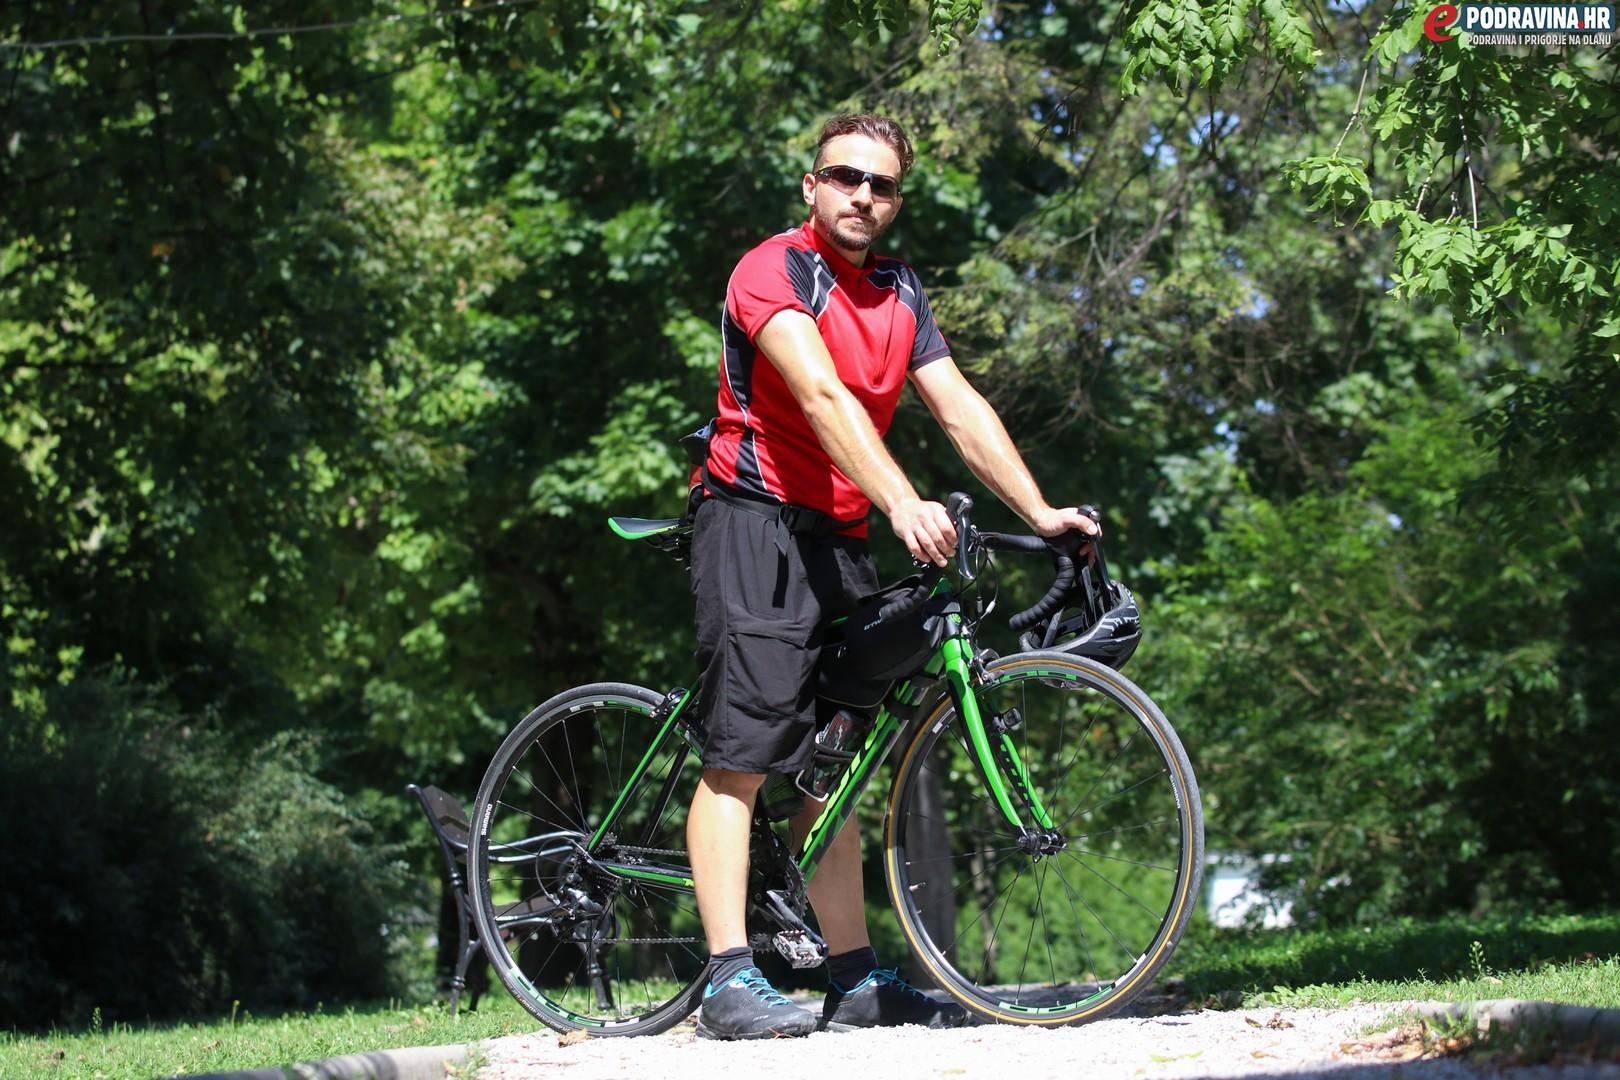 web stranica za bicikliste kada su se Caroline i Tyler počeli družiti